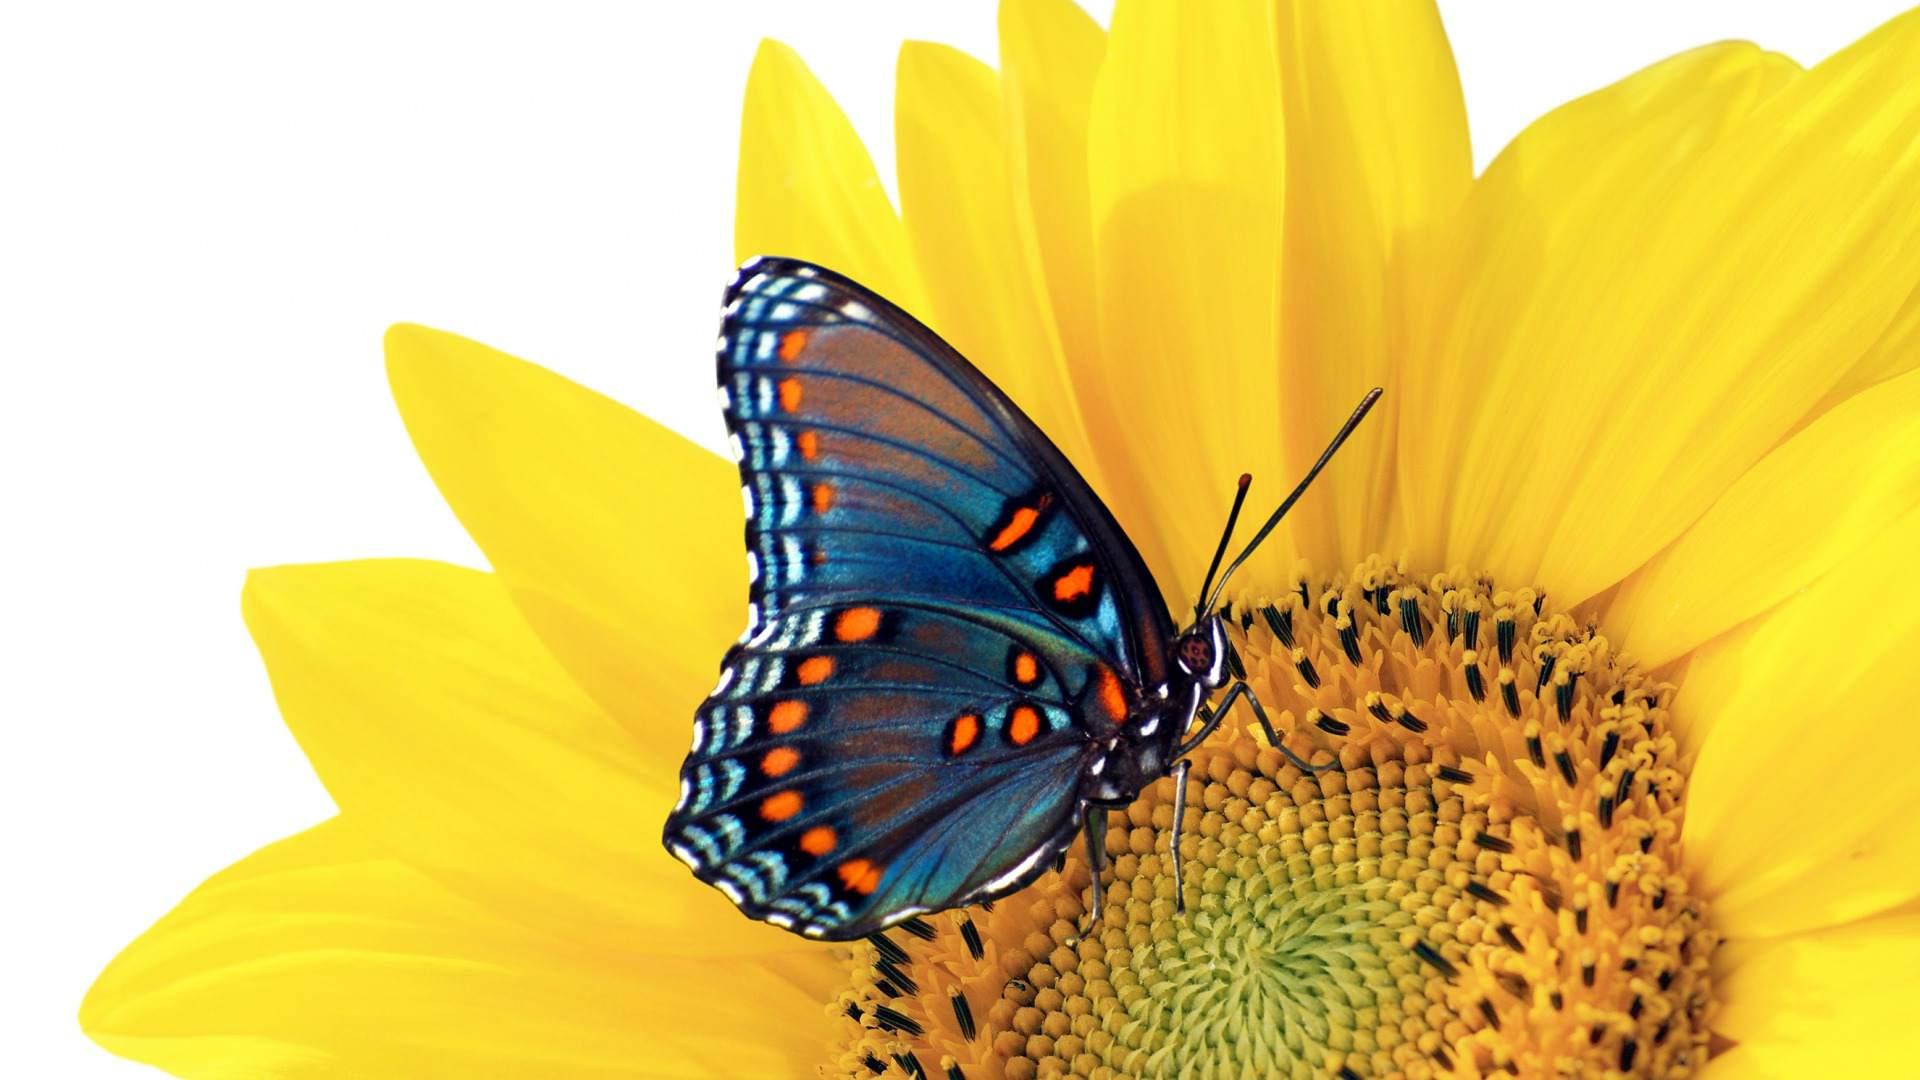 1920x1080 Hình nền con bướm mùa hè